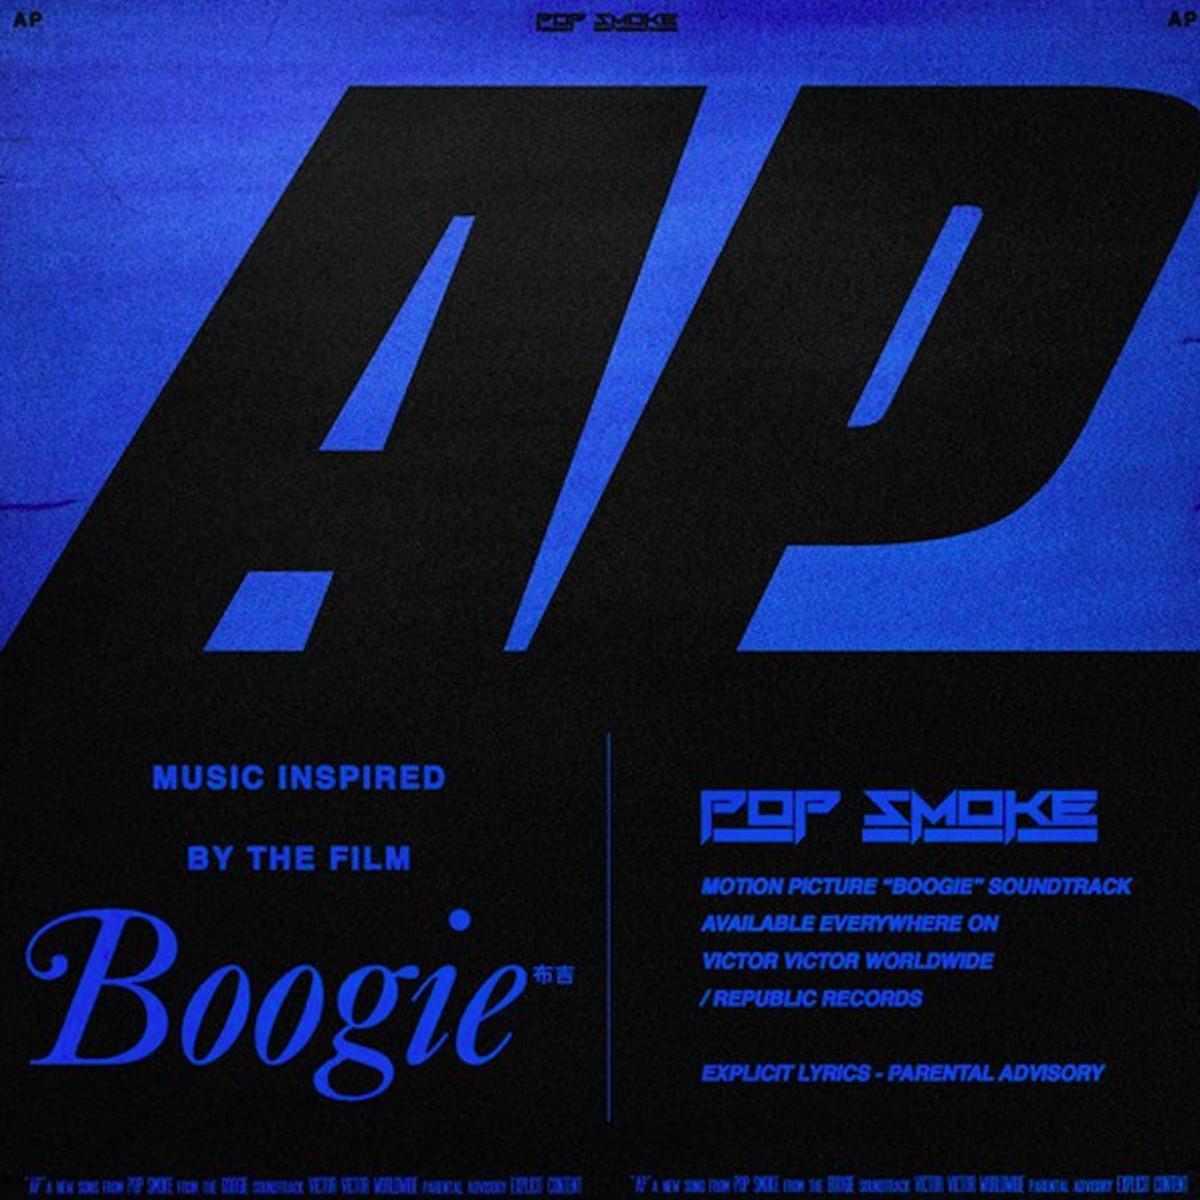 Pop Smoke поделился новой песней «AP» из саундтрека к «Boogie»